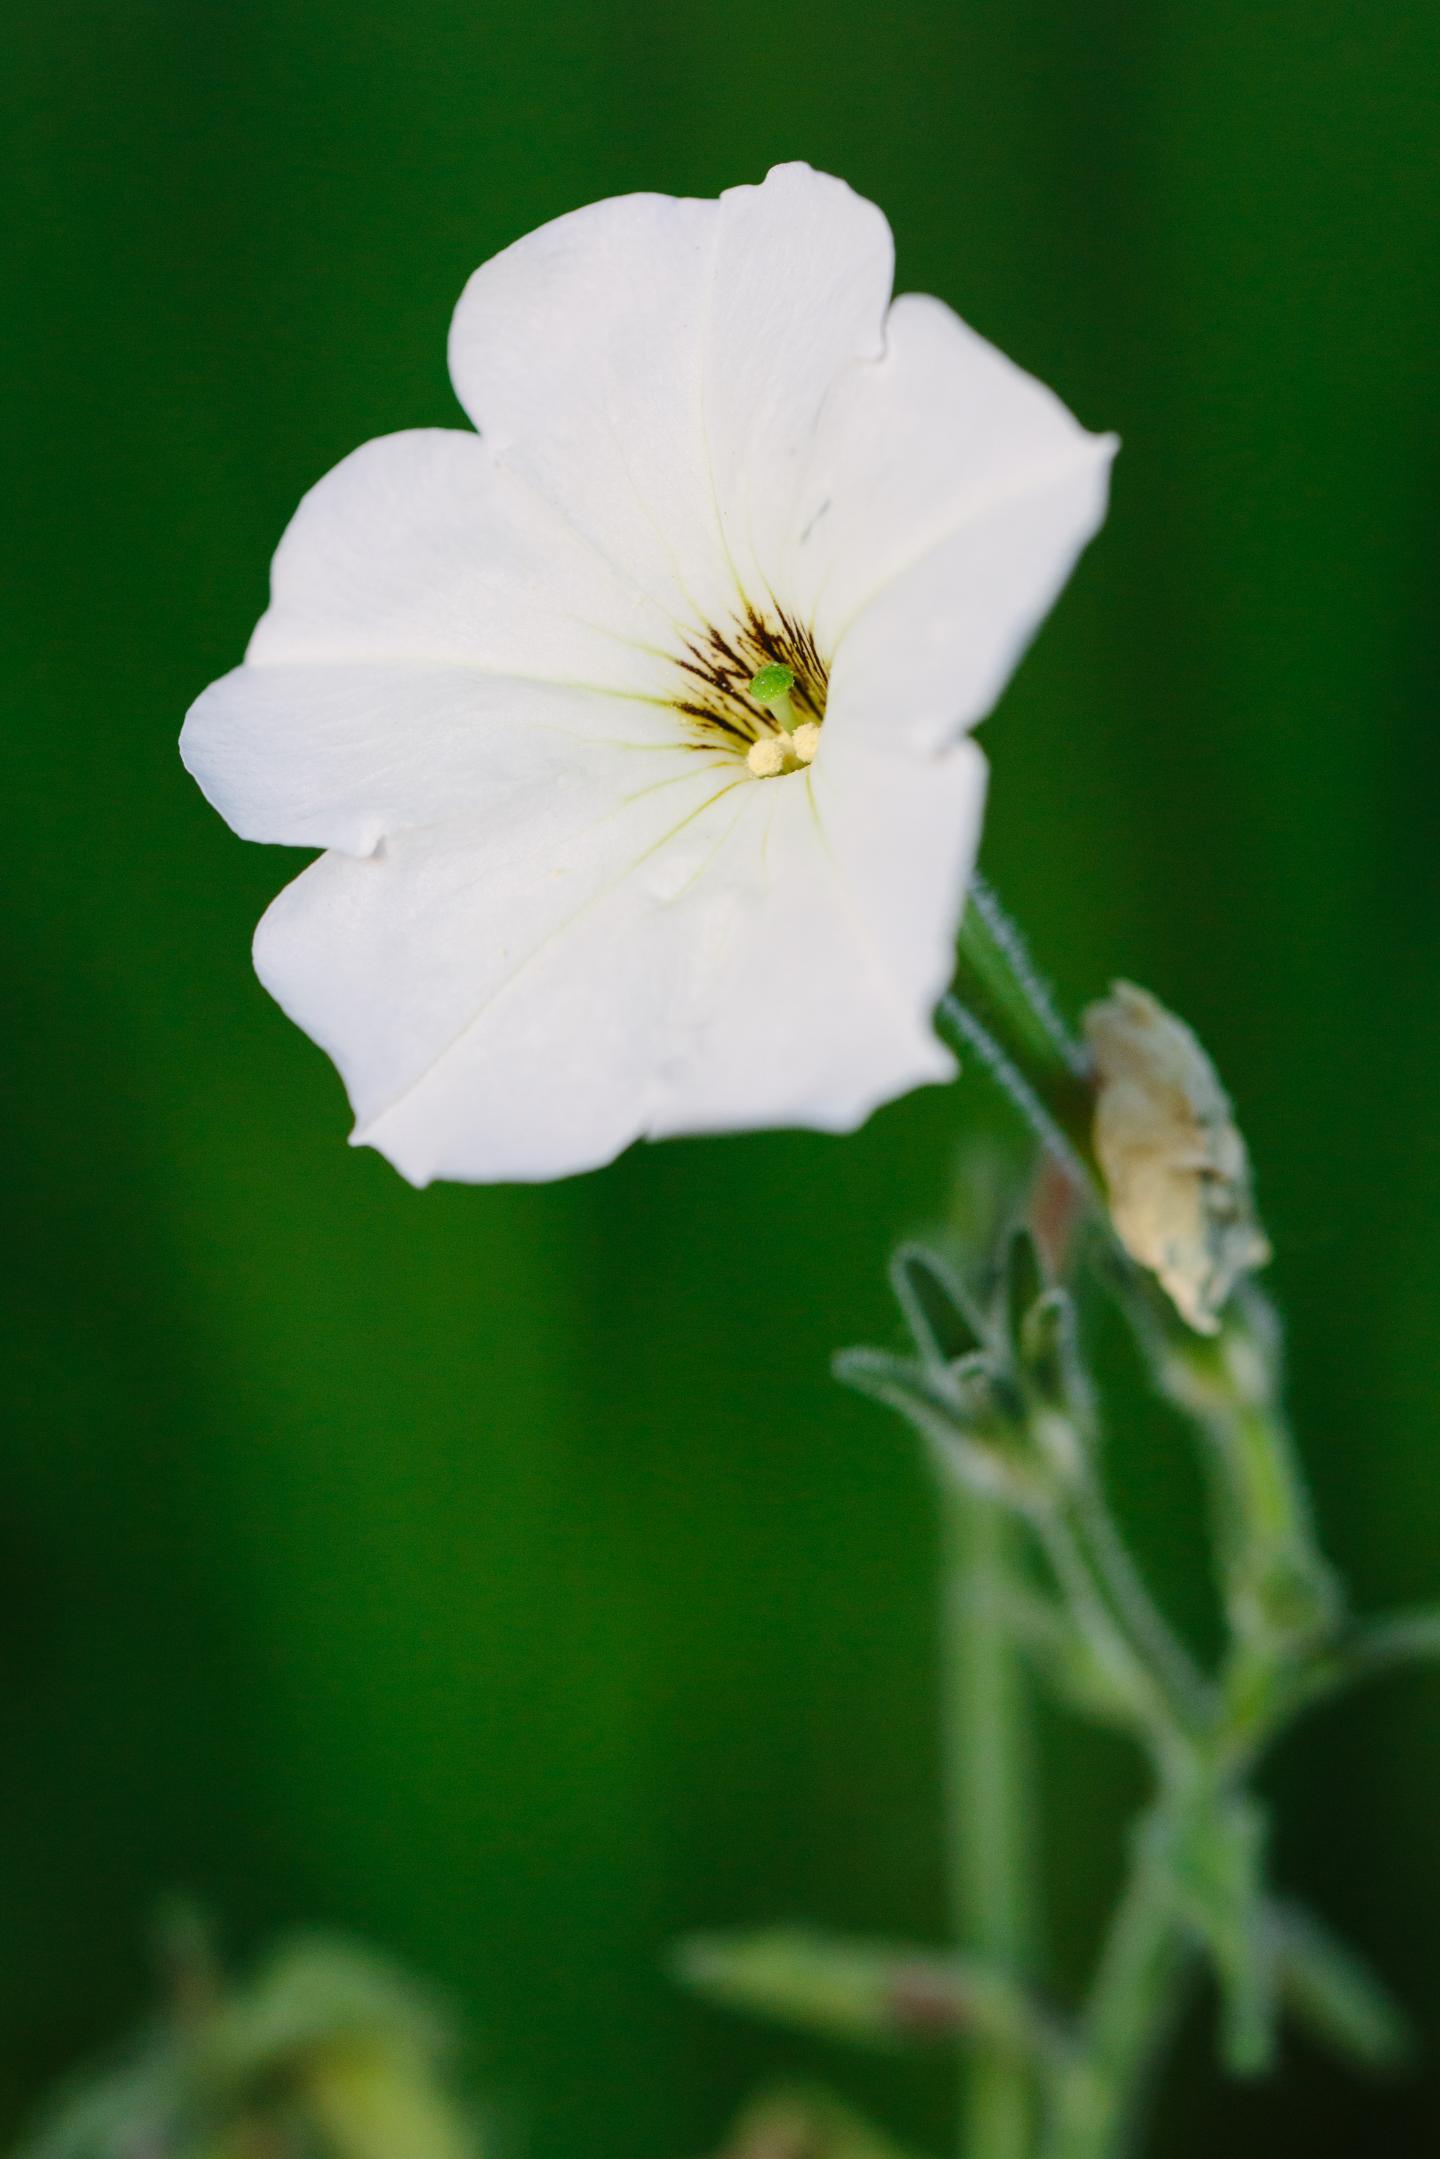 Common Garden Petunia